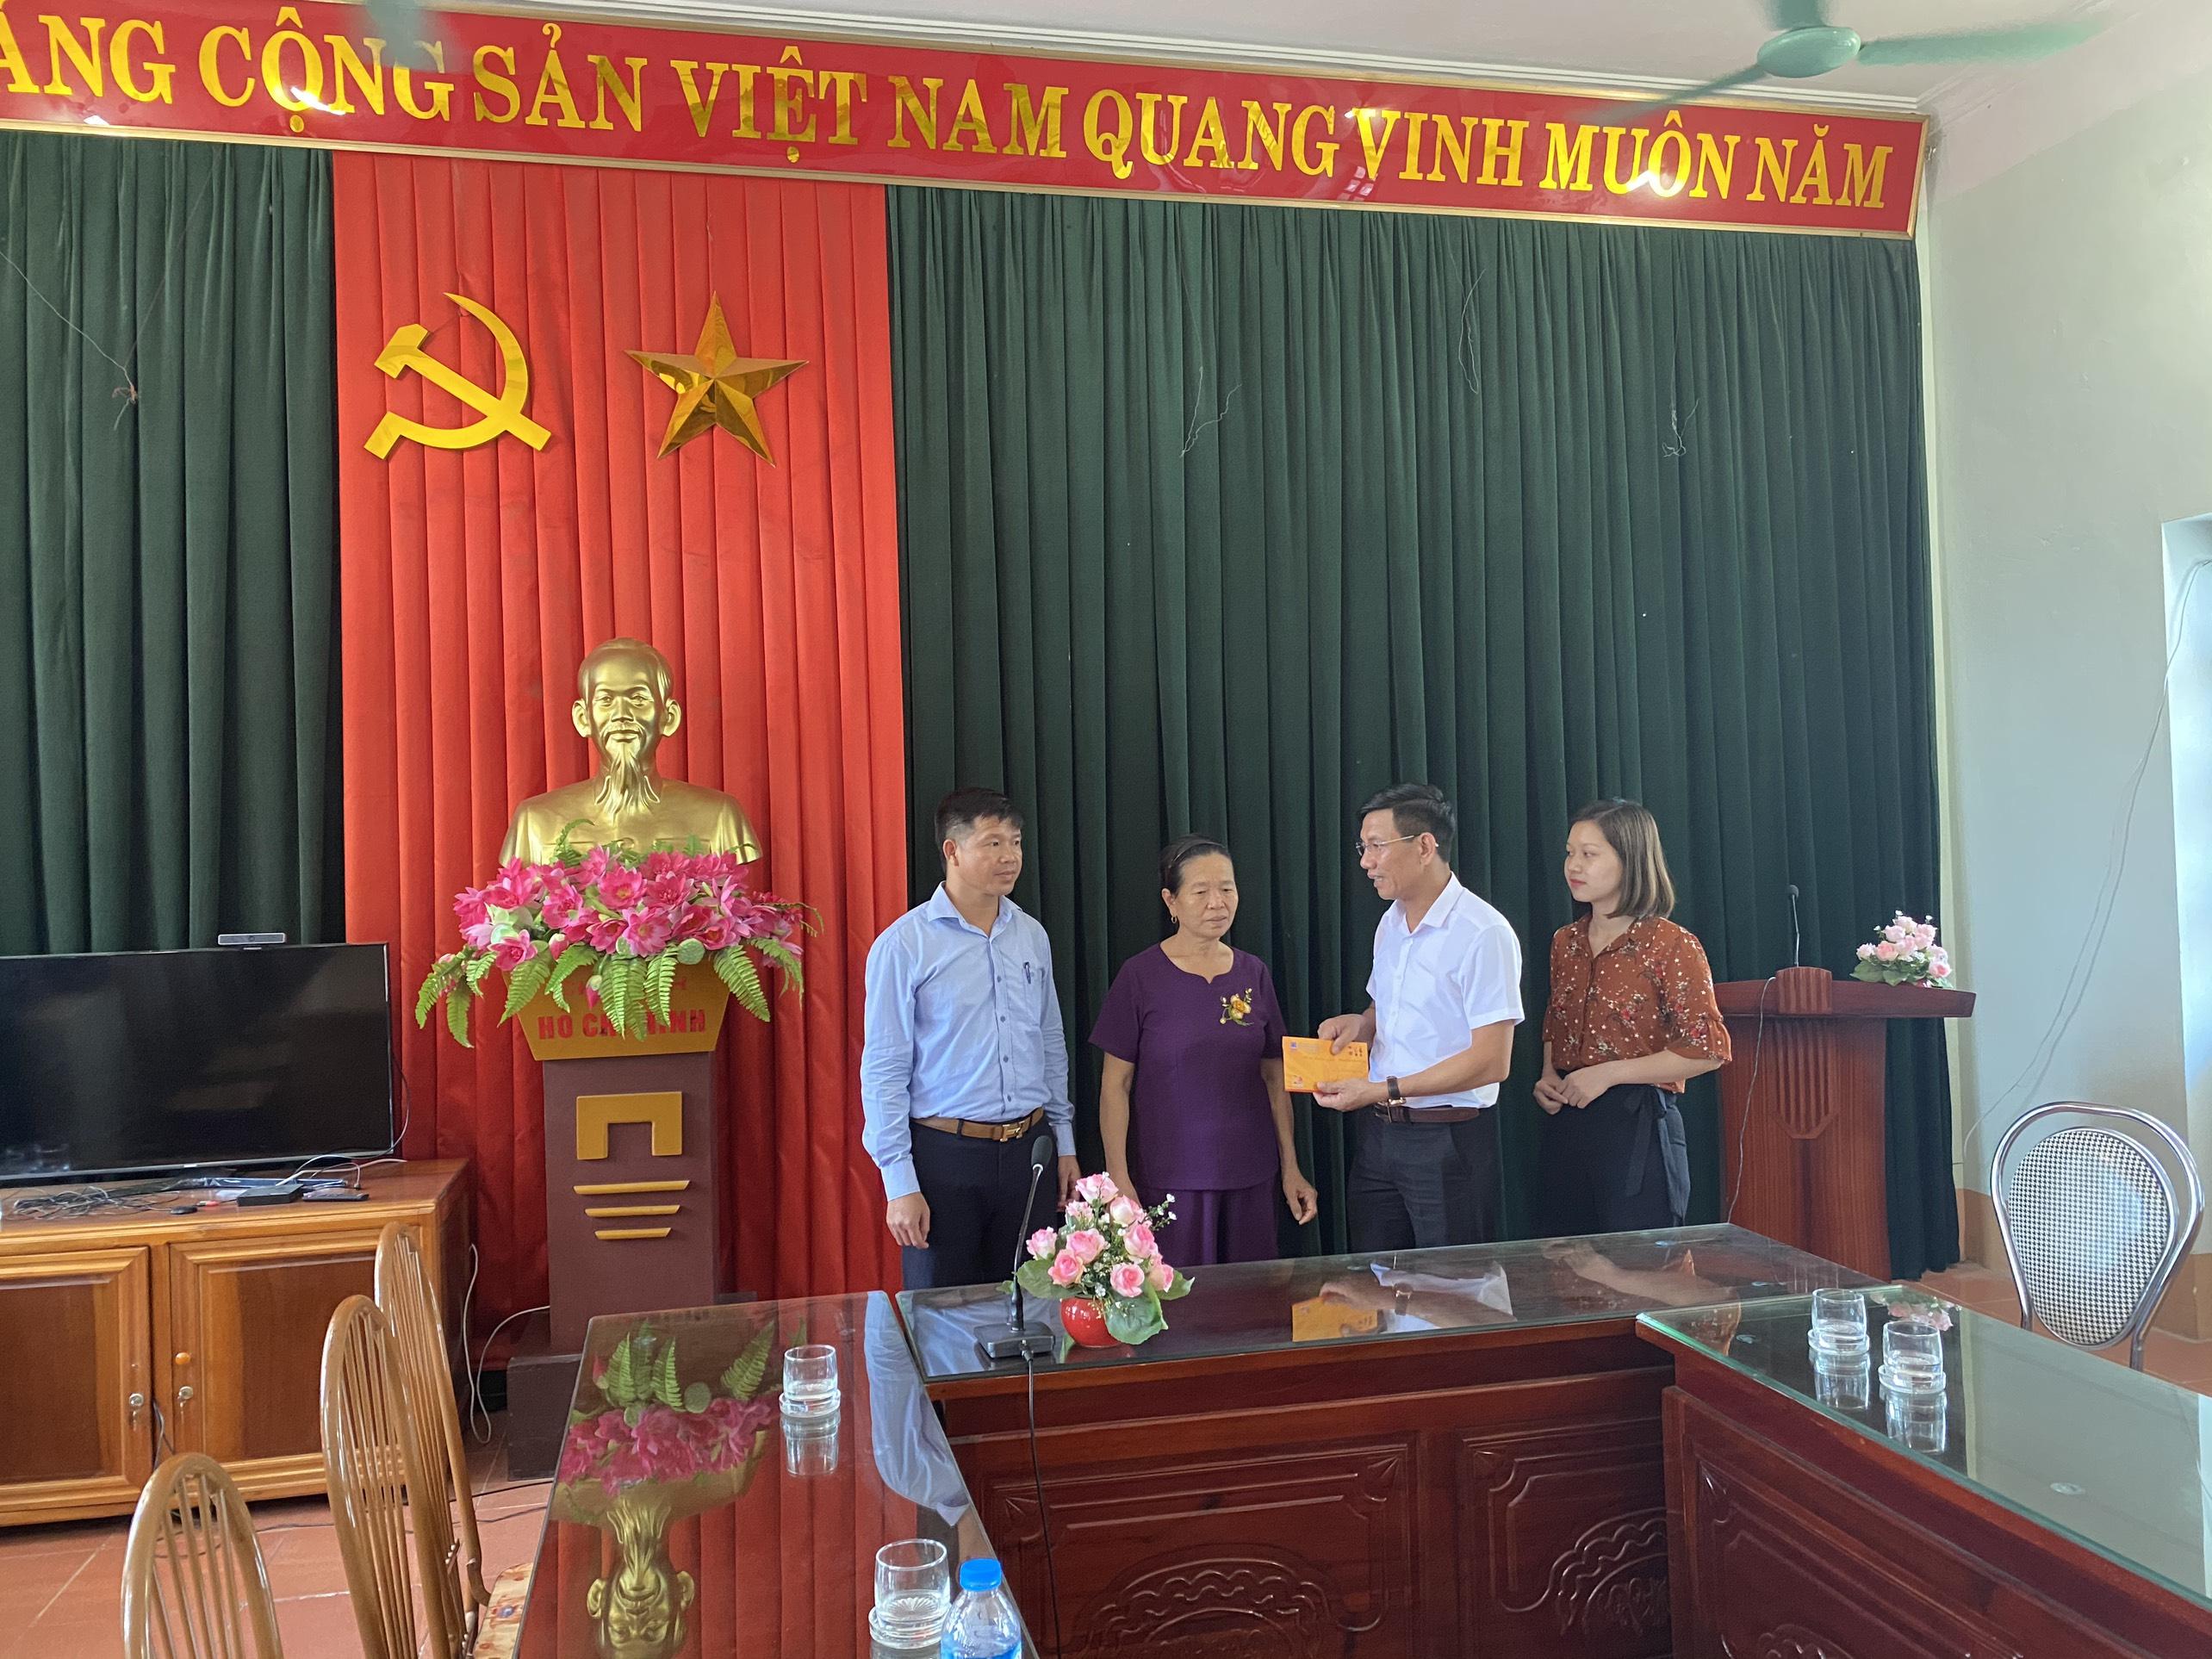 Quỹ Bảo hiểm xe cơ giới hỗ trợ nhân đạo cho nạn nhân tử vong trong tai nạn giao thông tại Ninh Bình